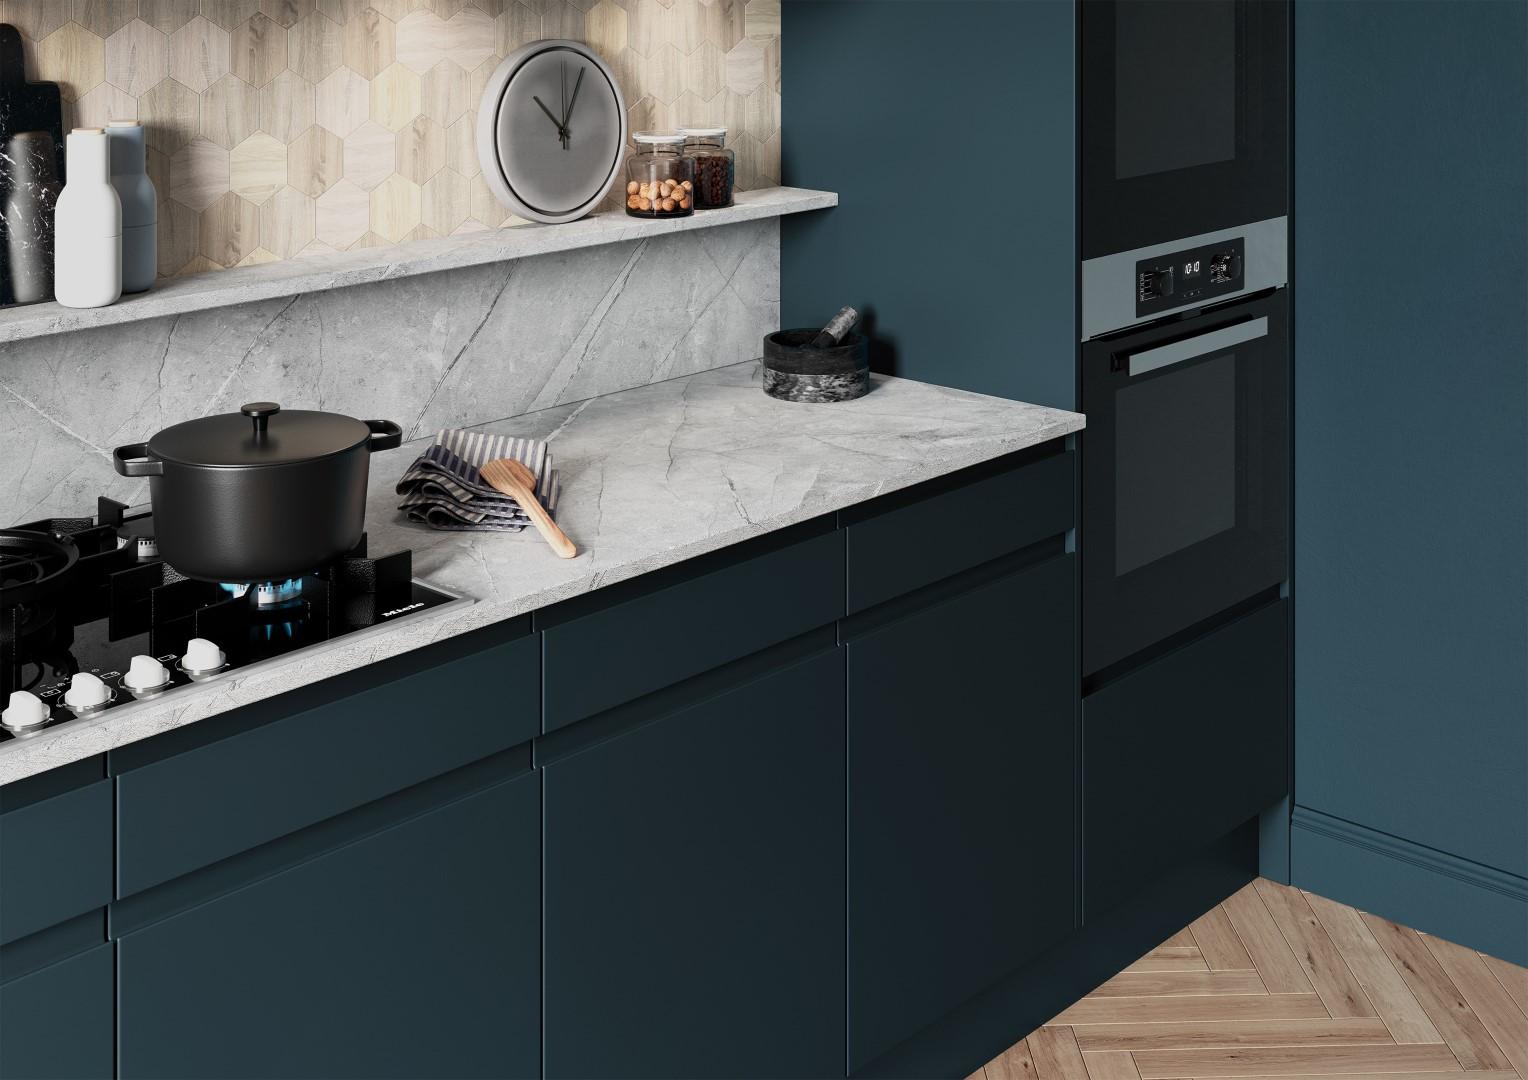 Strada Matte Marine - Kitchen Design - Alan Kelly Kitchens - Waterford - 2